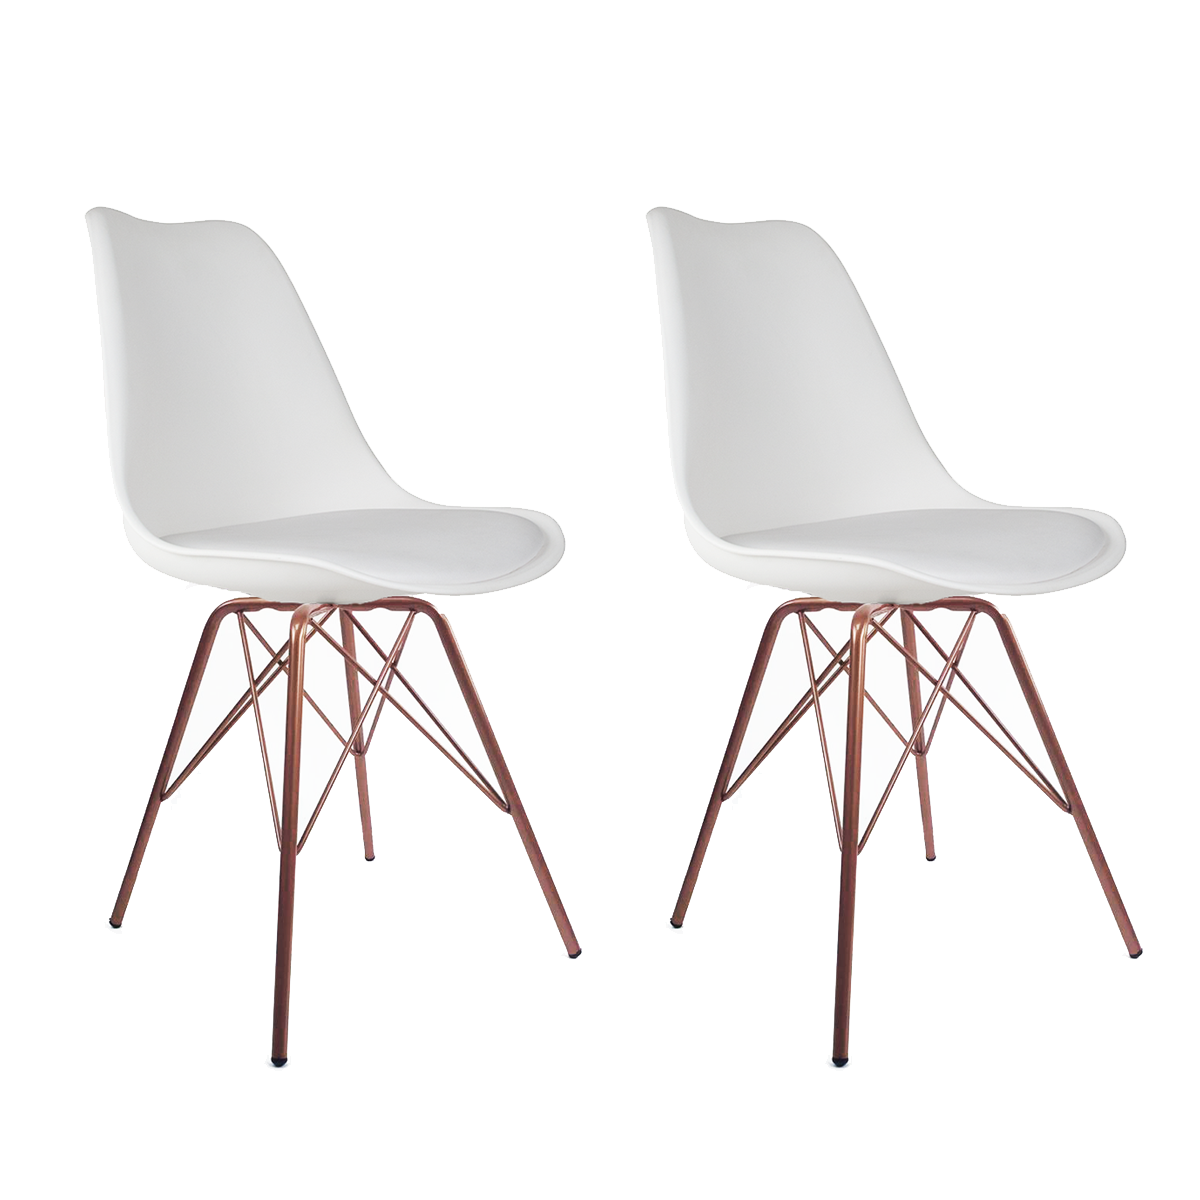 Conjunto com 2 Cadeiras Saarinen Branca - Base Tower Cobre